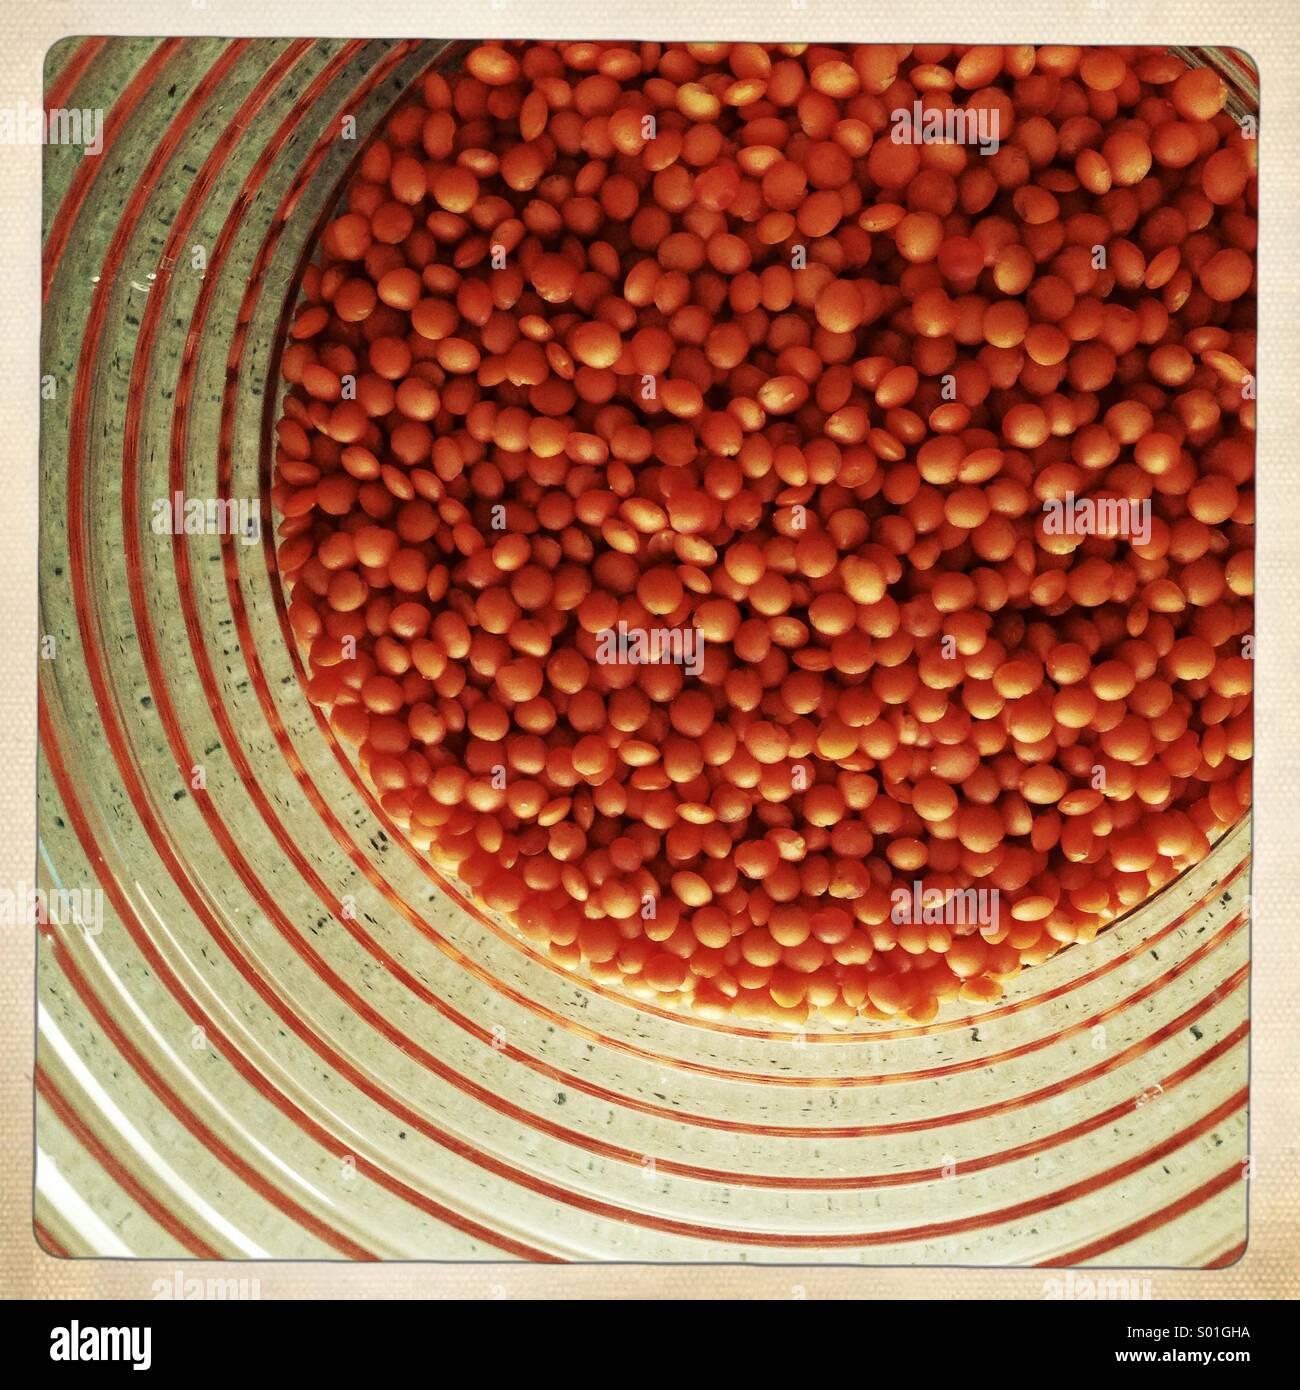 Les lentilles rouges dans un bocal Photo Stock